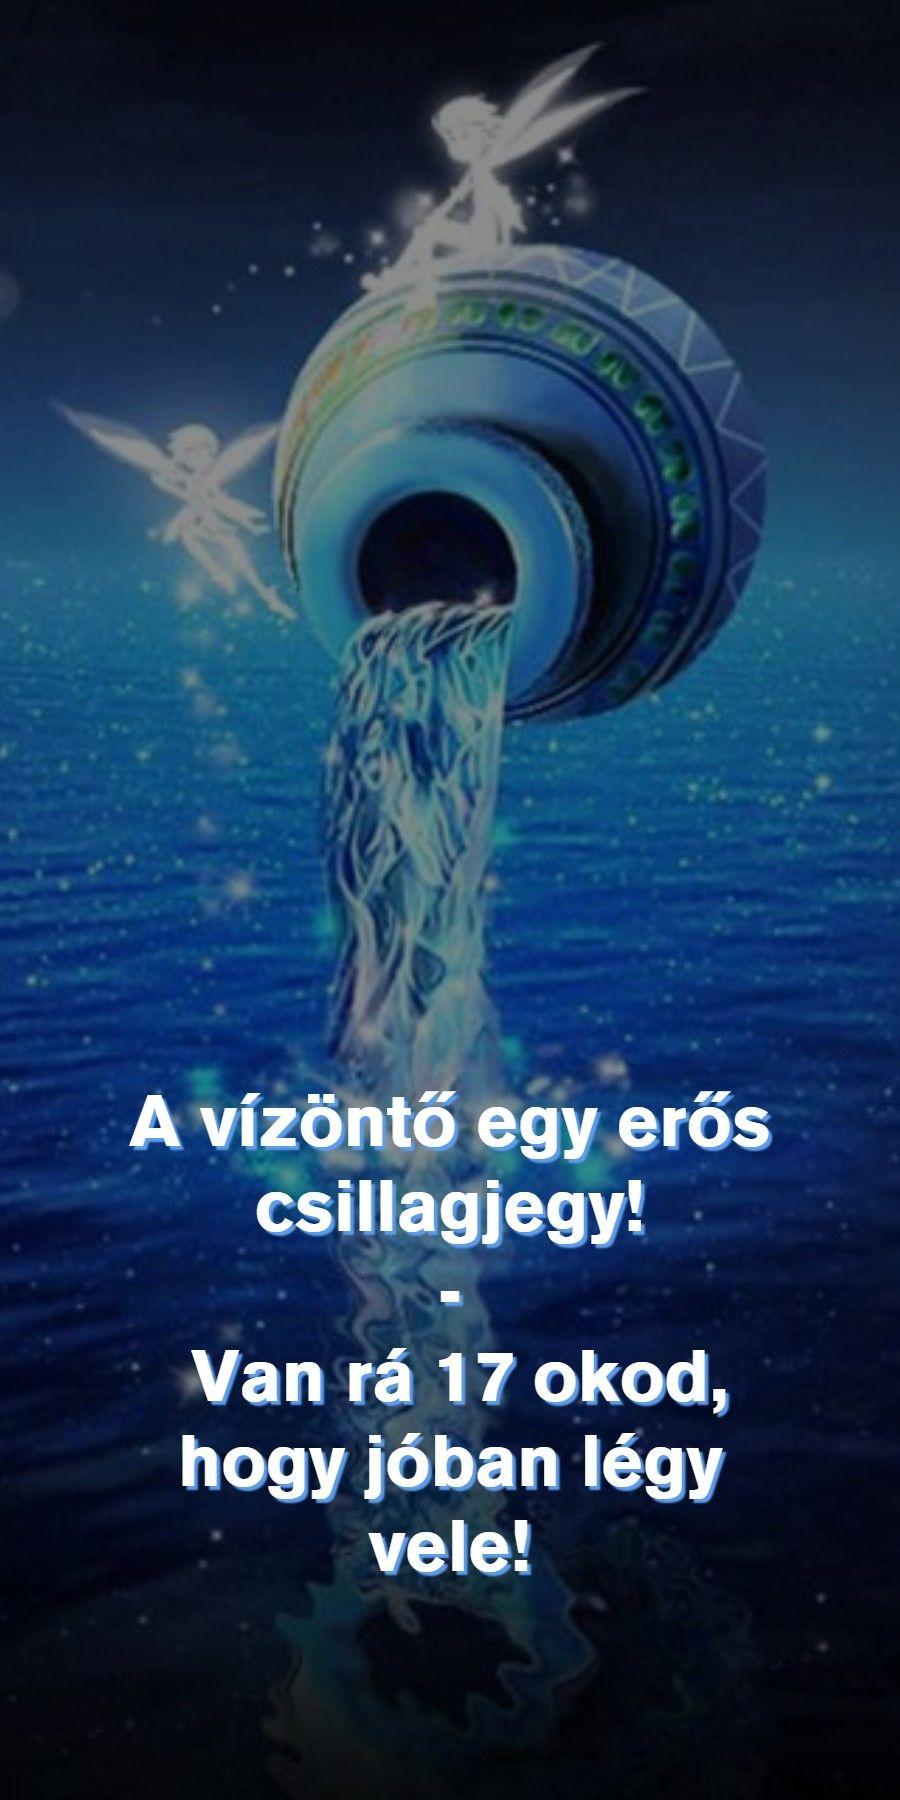 hogyan fogyhat le egy vízöntő